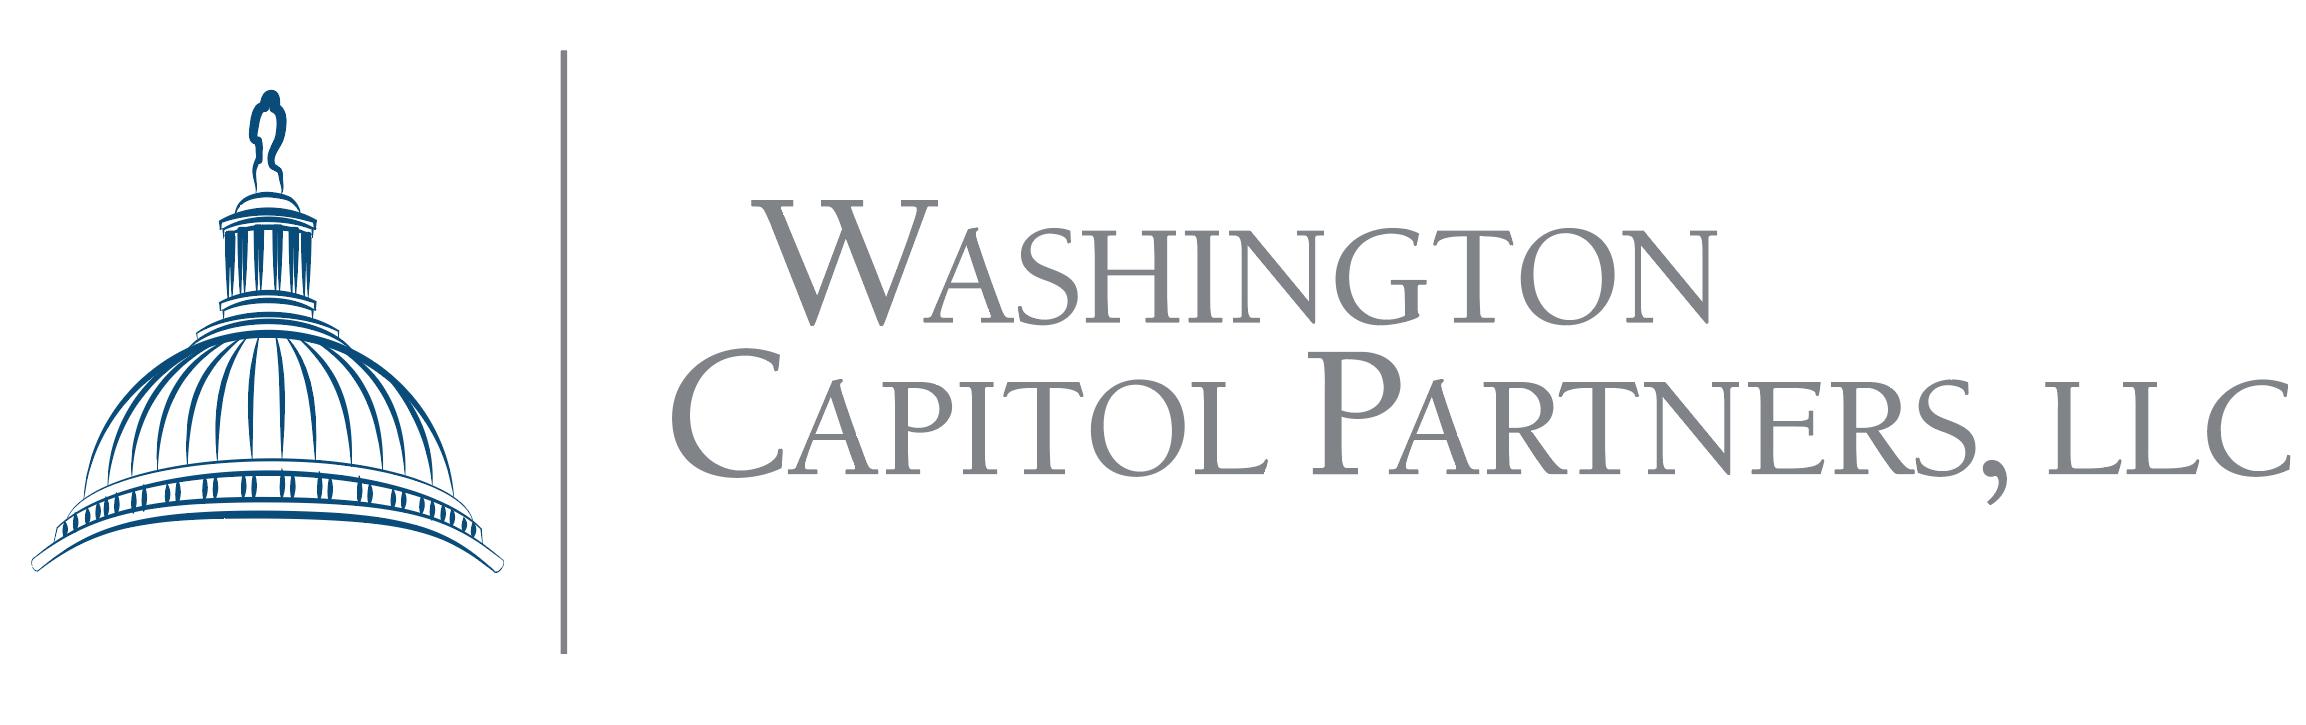 Washington Capitol Partners